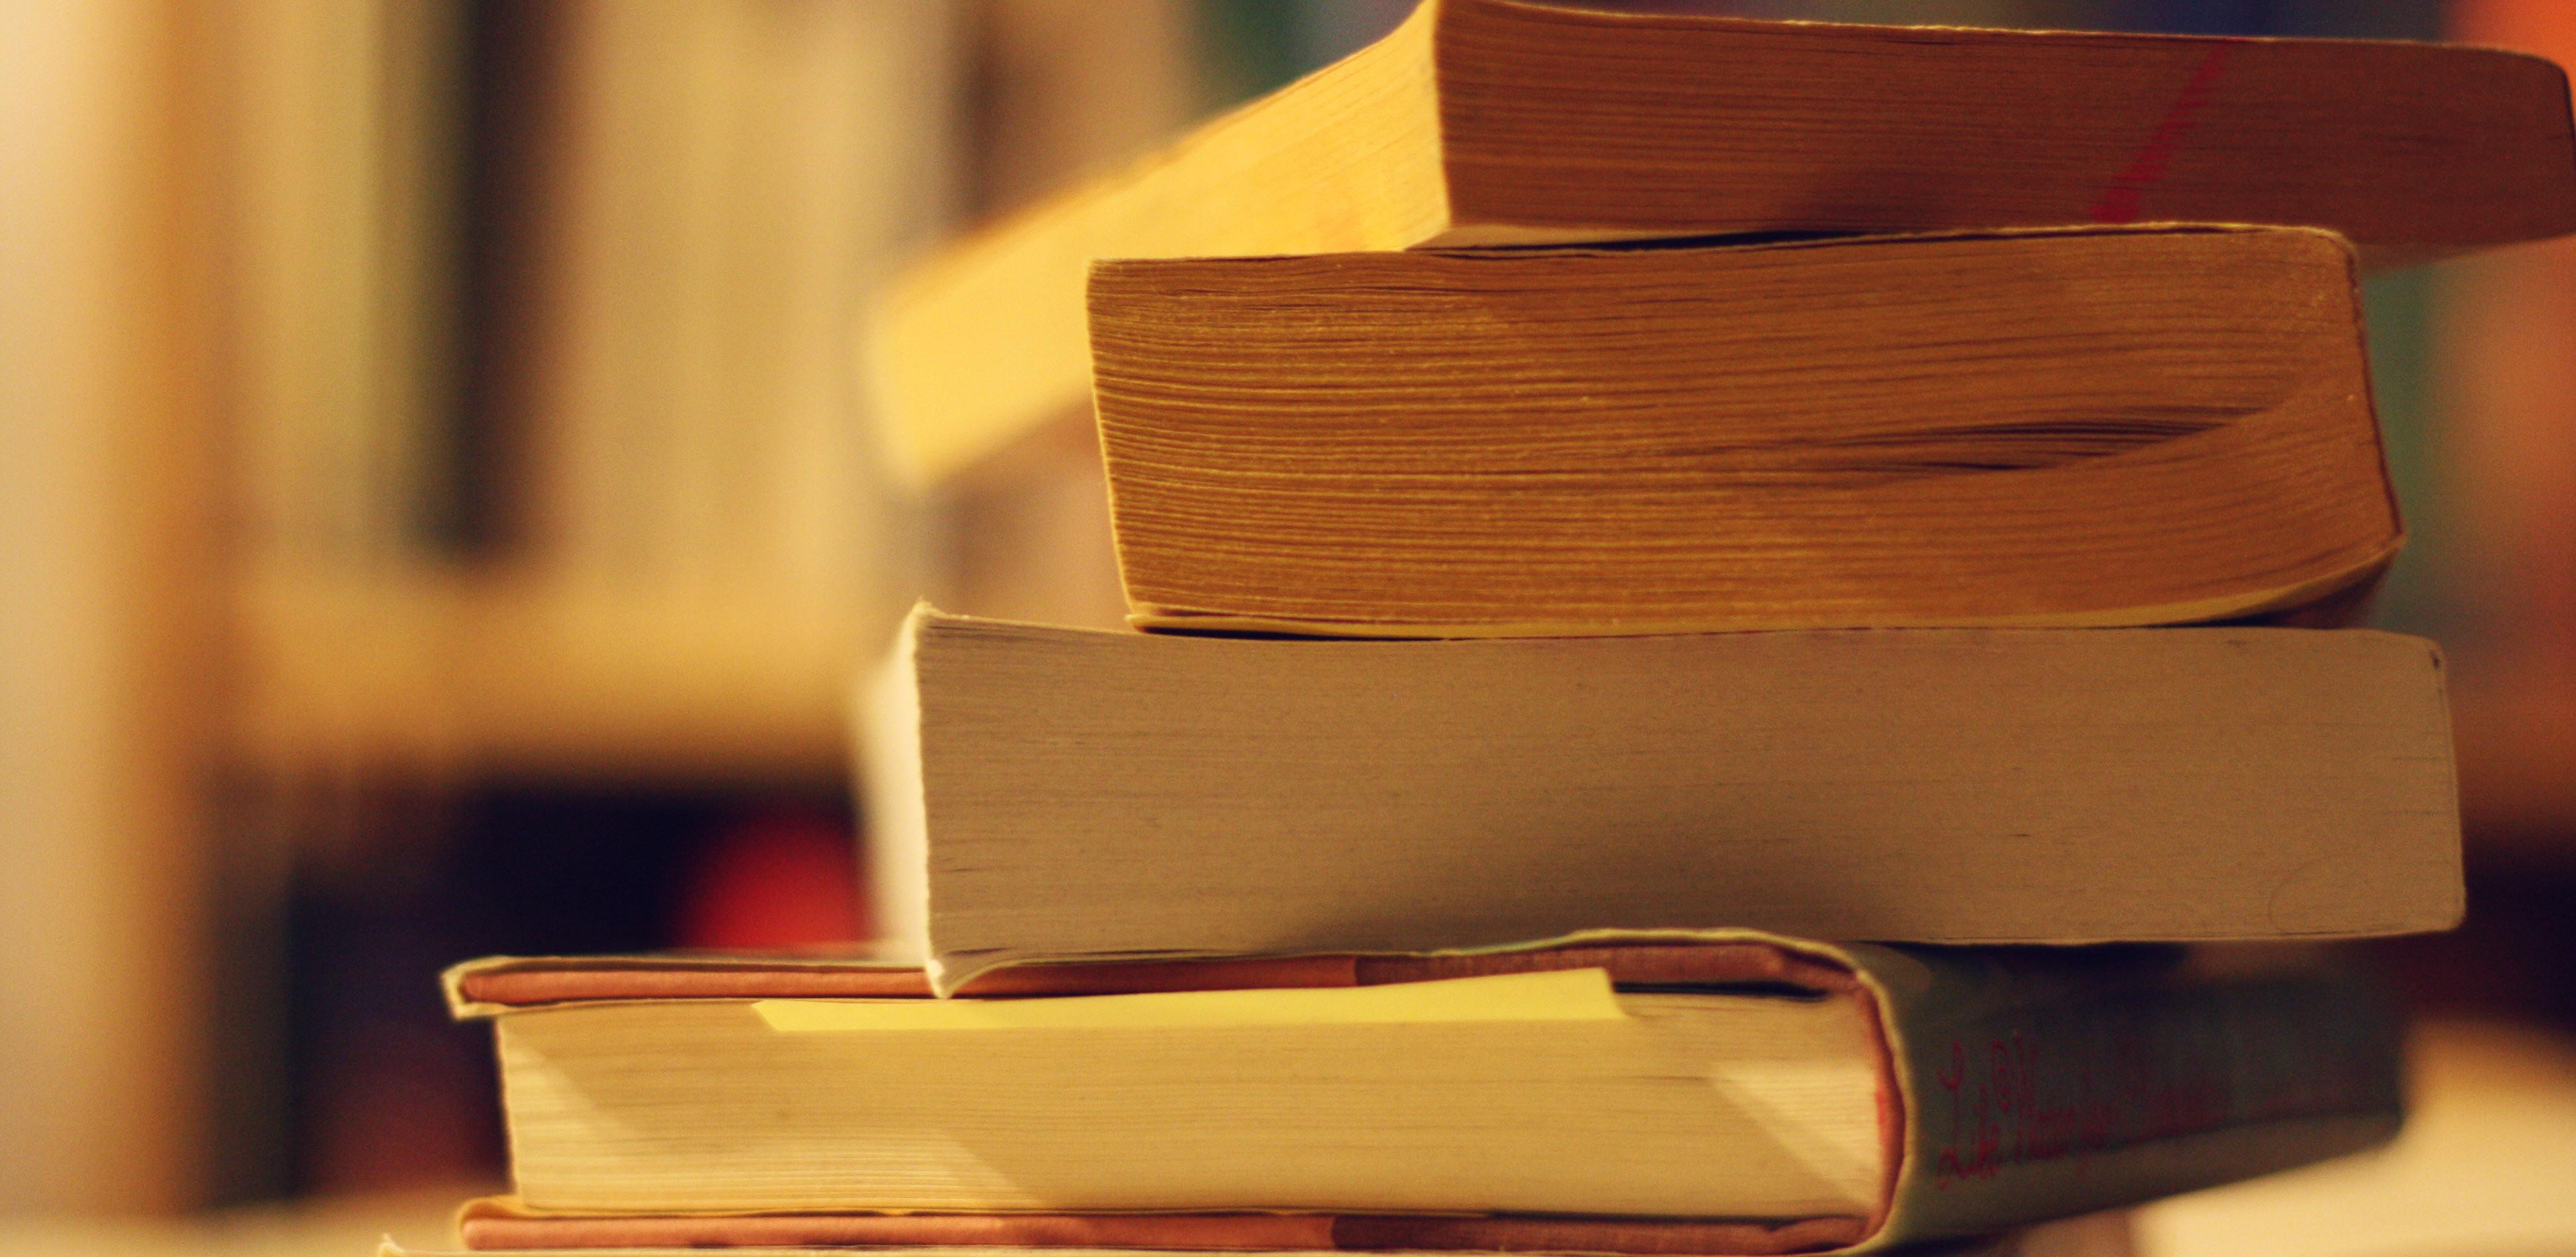 booksbnr.jpg